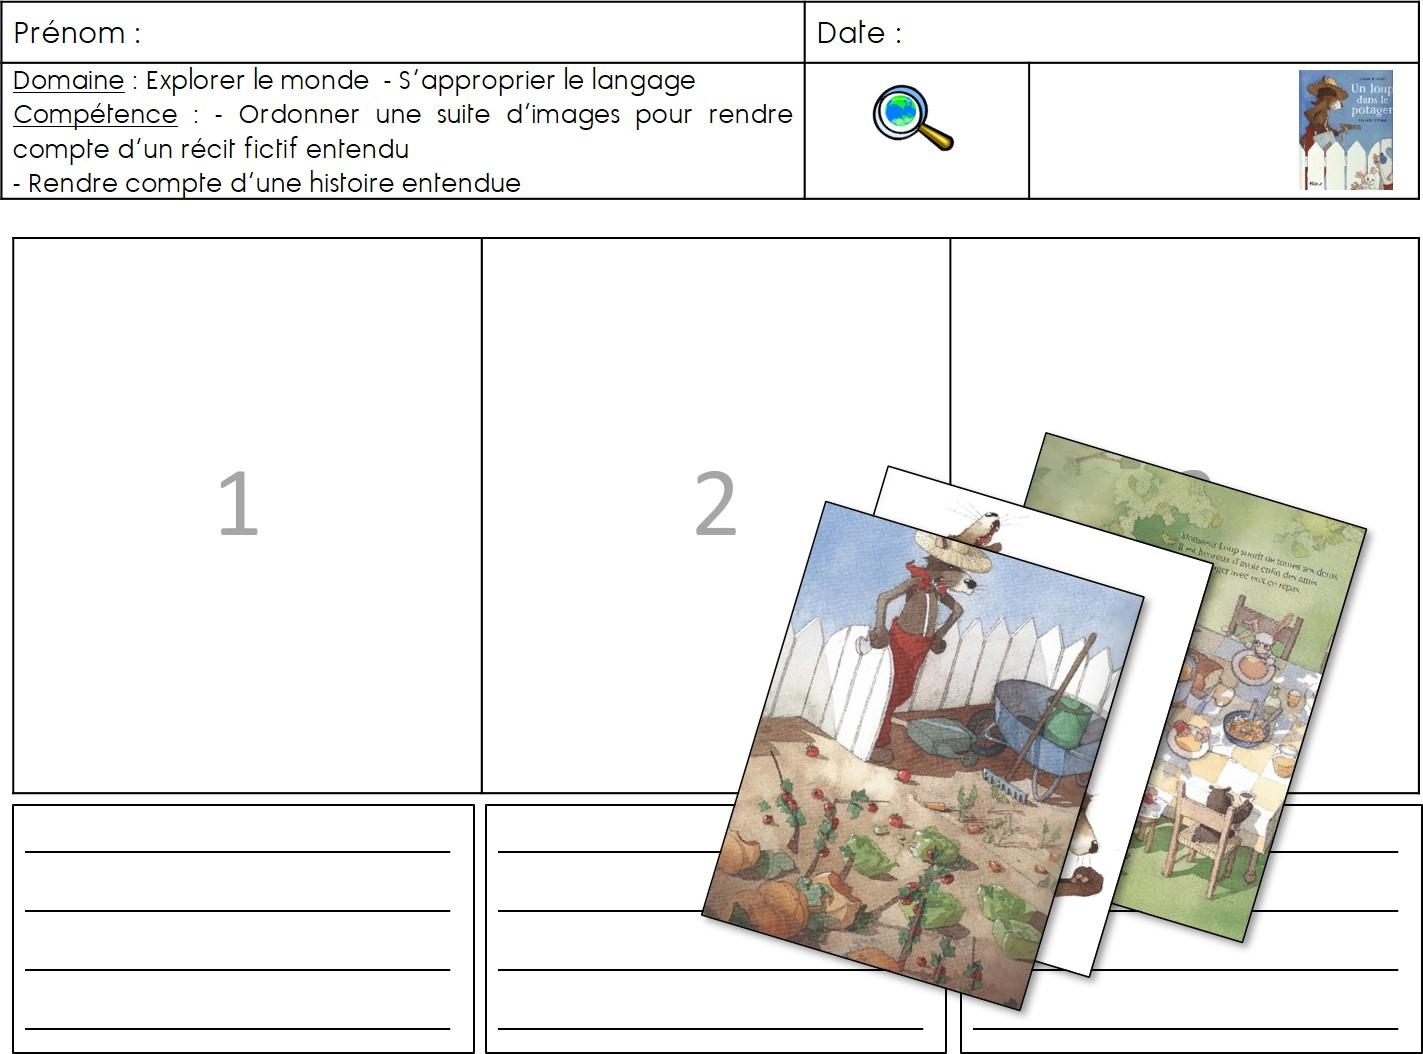 Les Jeux De Jean Noël : Le Printemps À La Maternelle dedans Images Séquentielles Maternelle